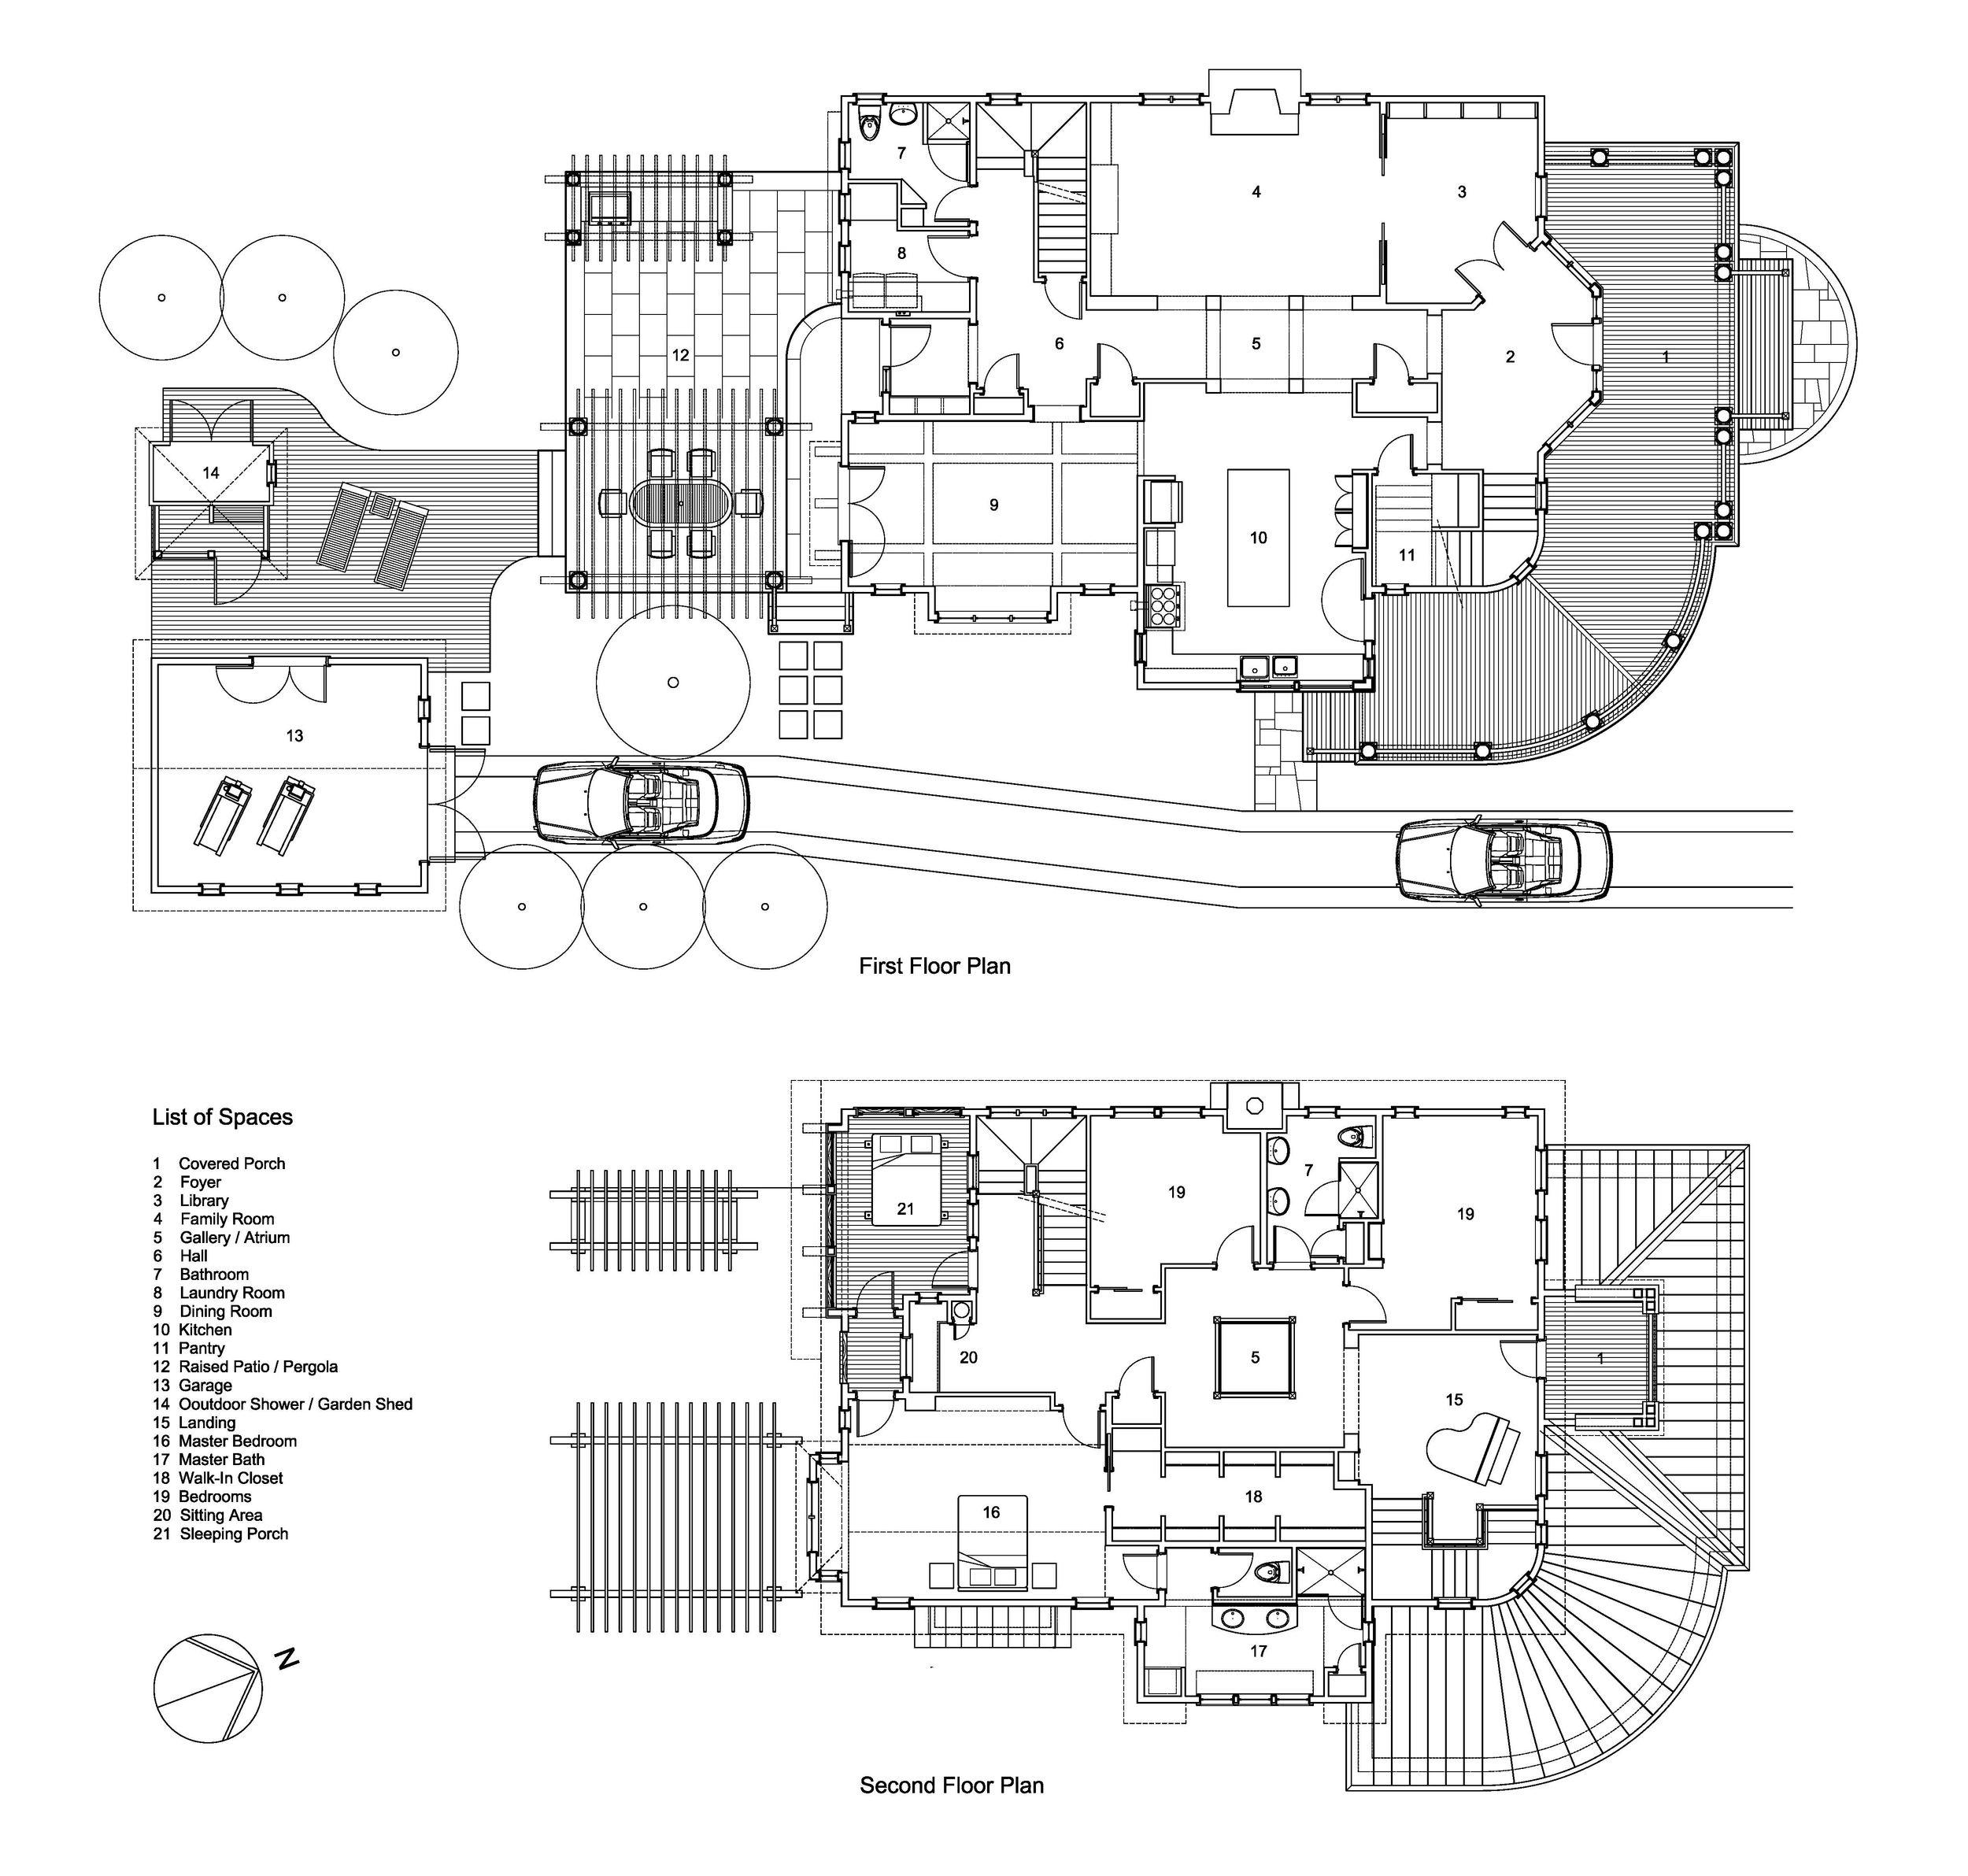 carmody_floor_plans_01_05_2011.jpg